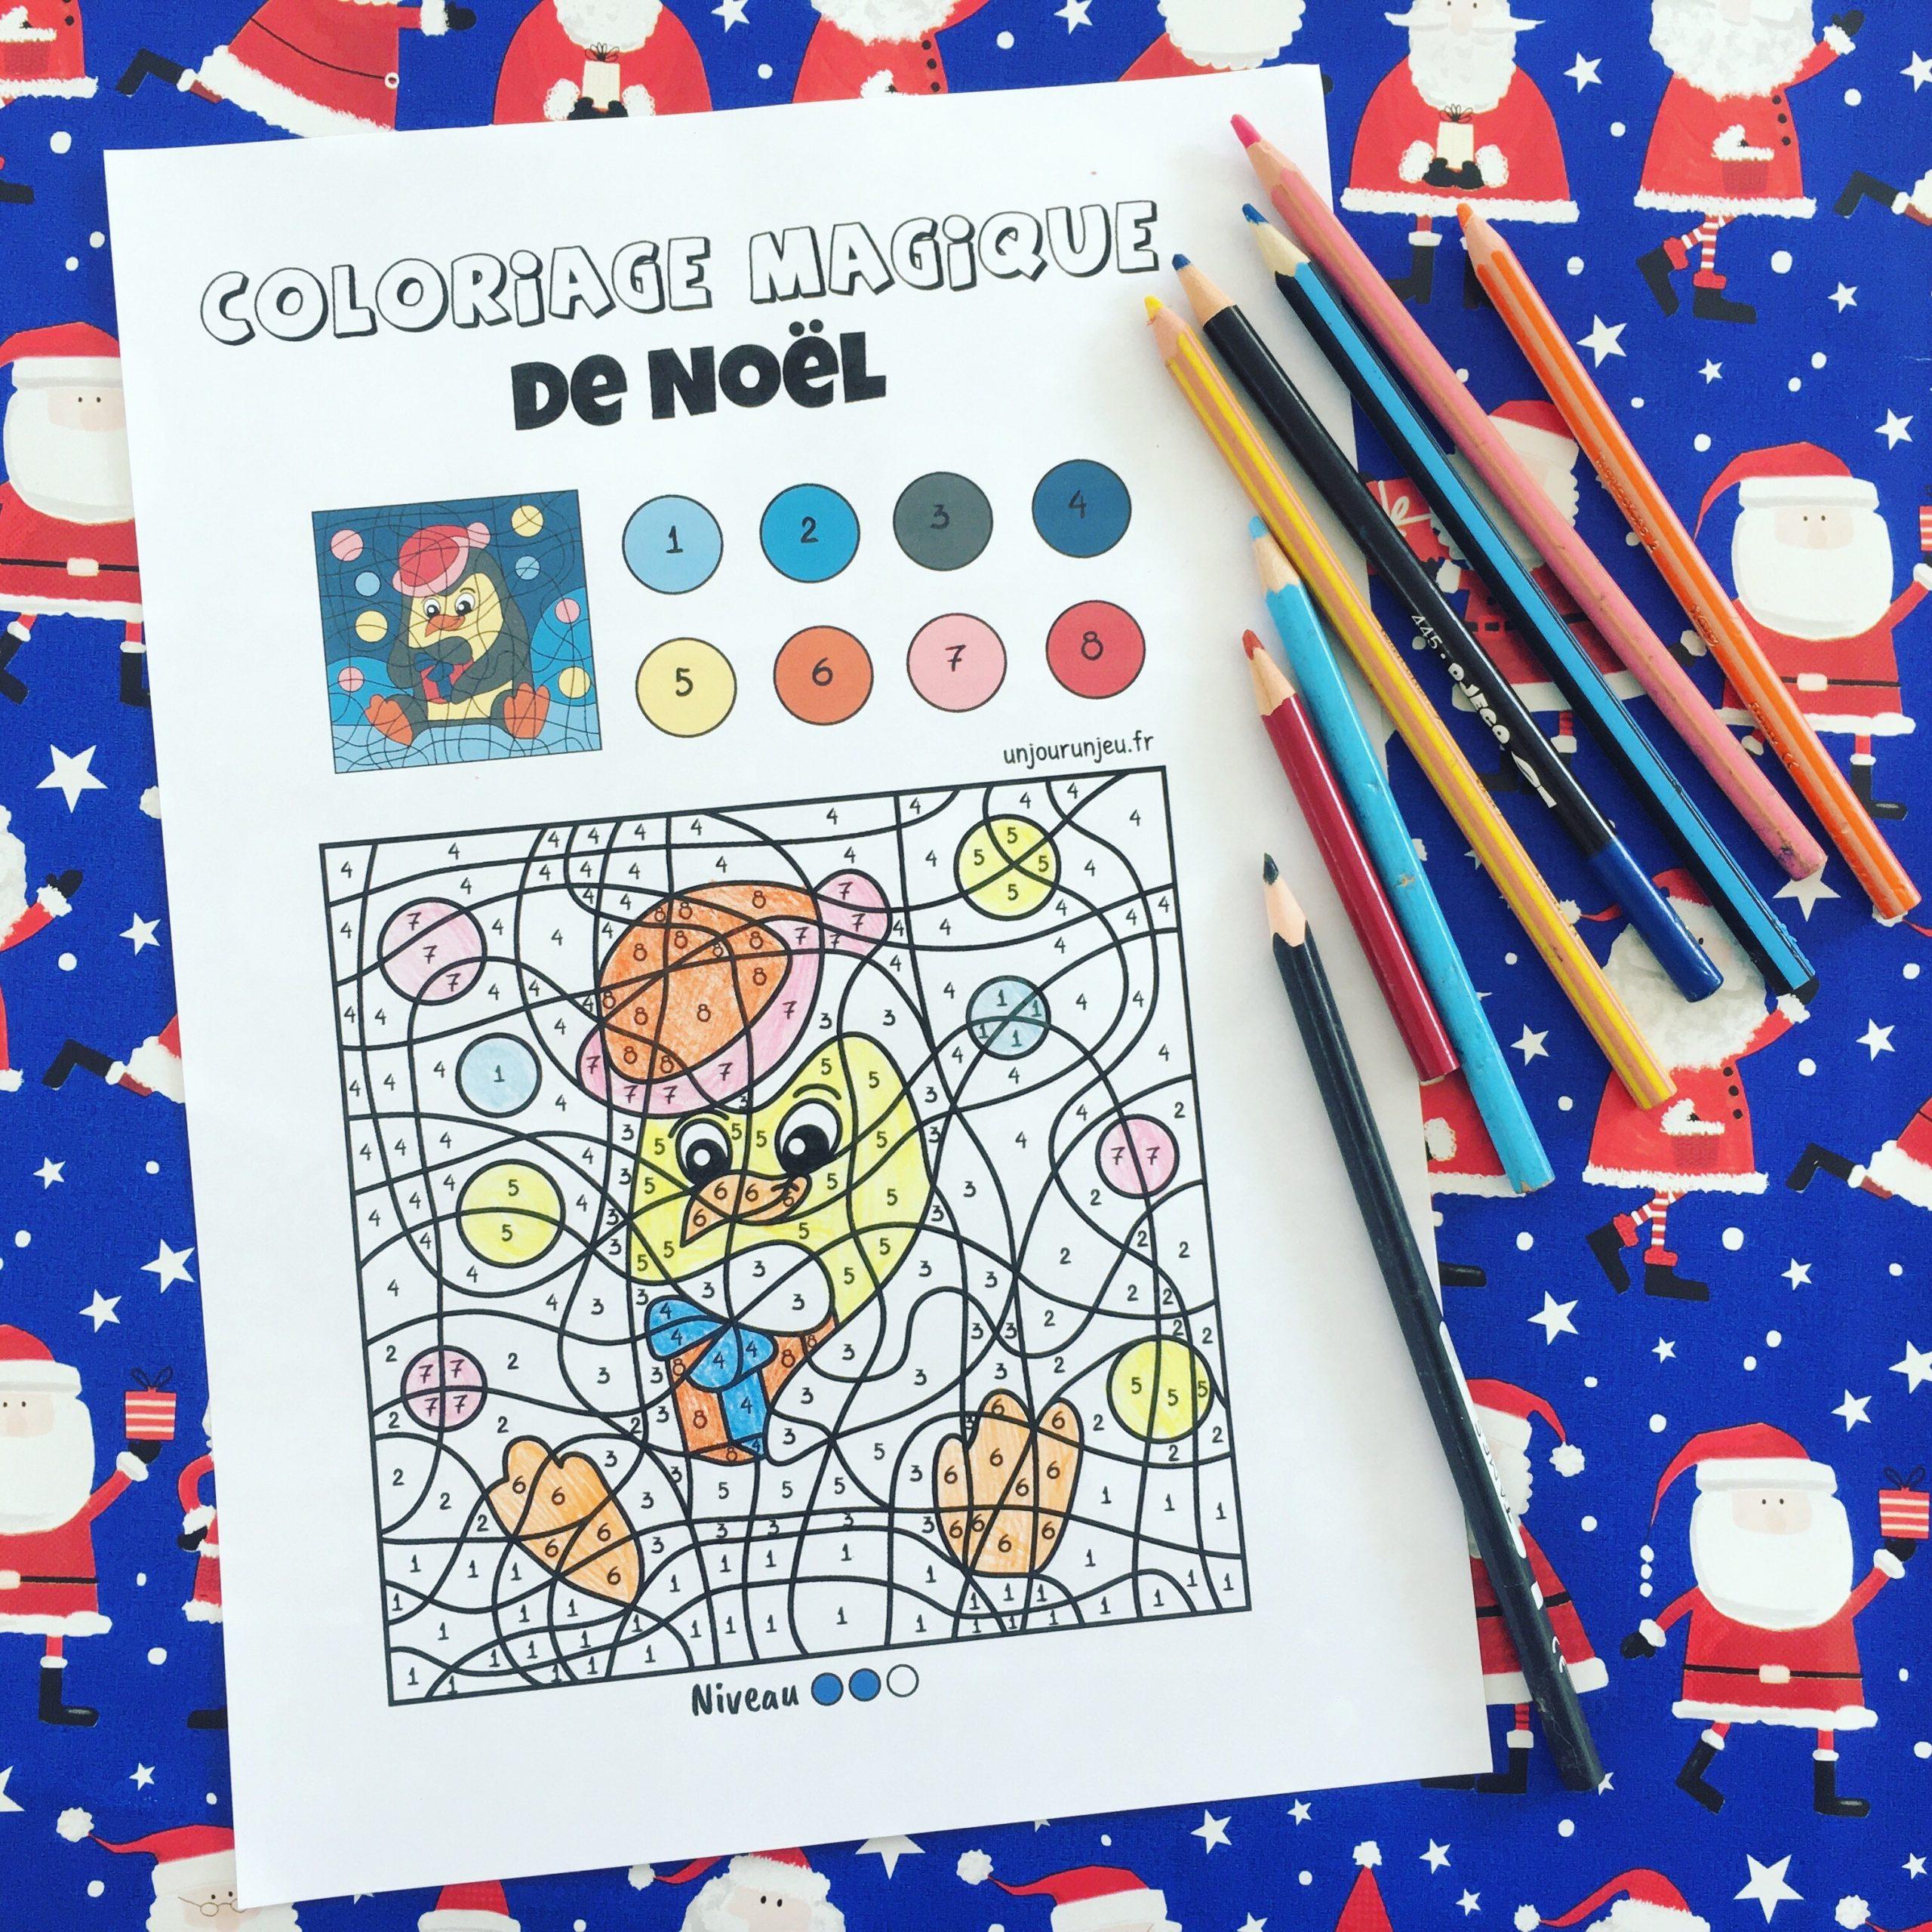 Des Coloriages Magiques De Noël À Imprimer - Un Jour Un Jeu à Coloriage Magique 4 Ans